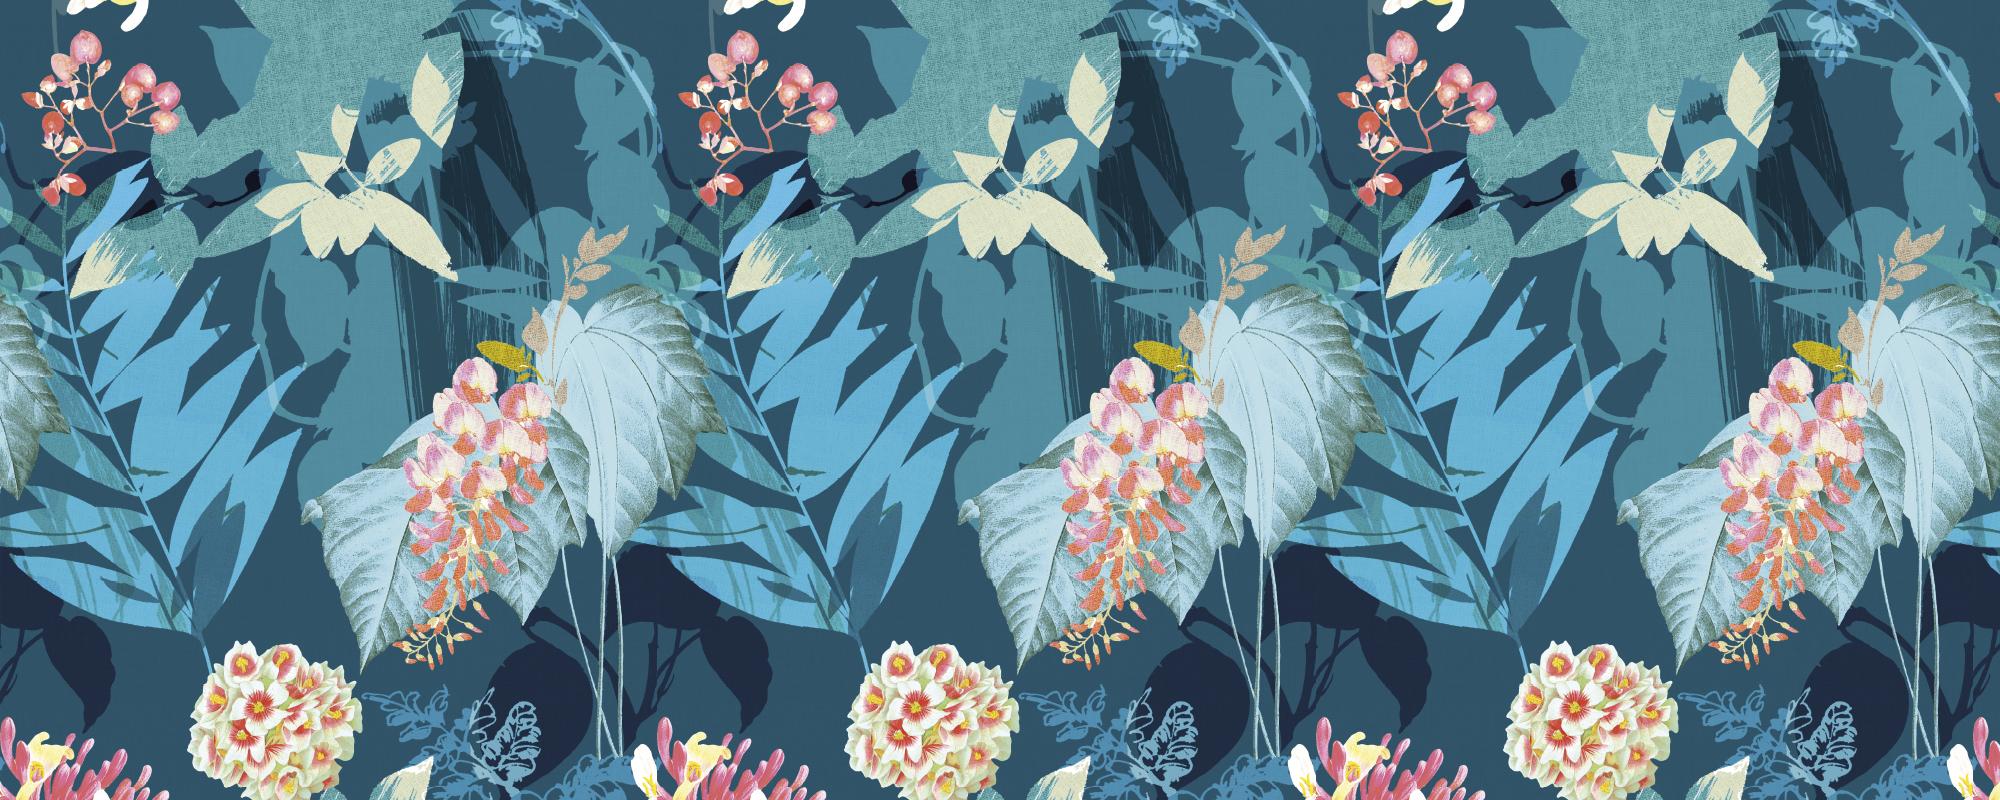 Papier peint motif fleurs bleu et rose